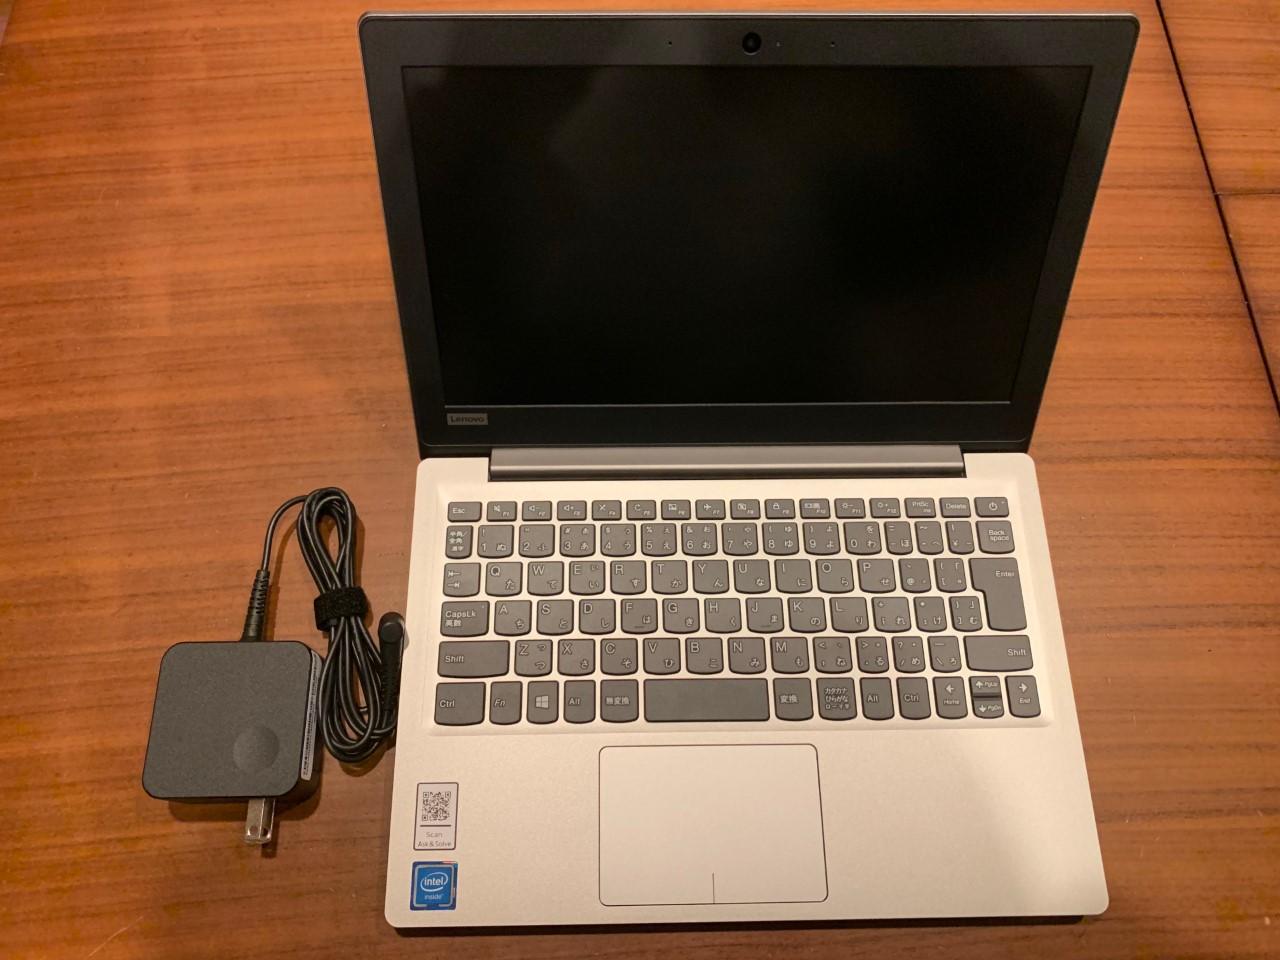 ブログ用の新しいパソコンを購入!私が選んだパソコンとその理由とは?